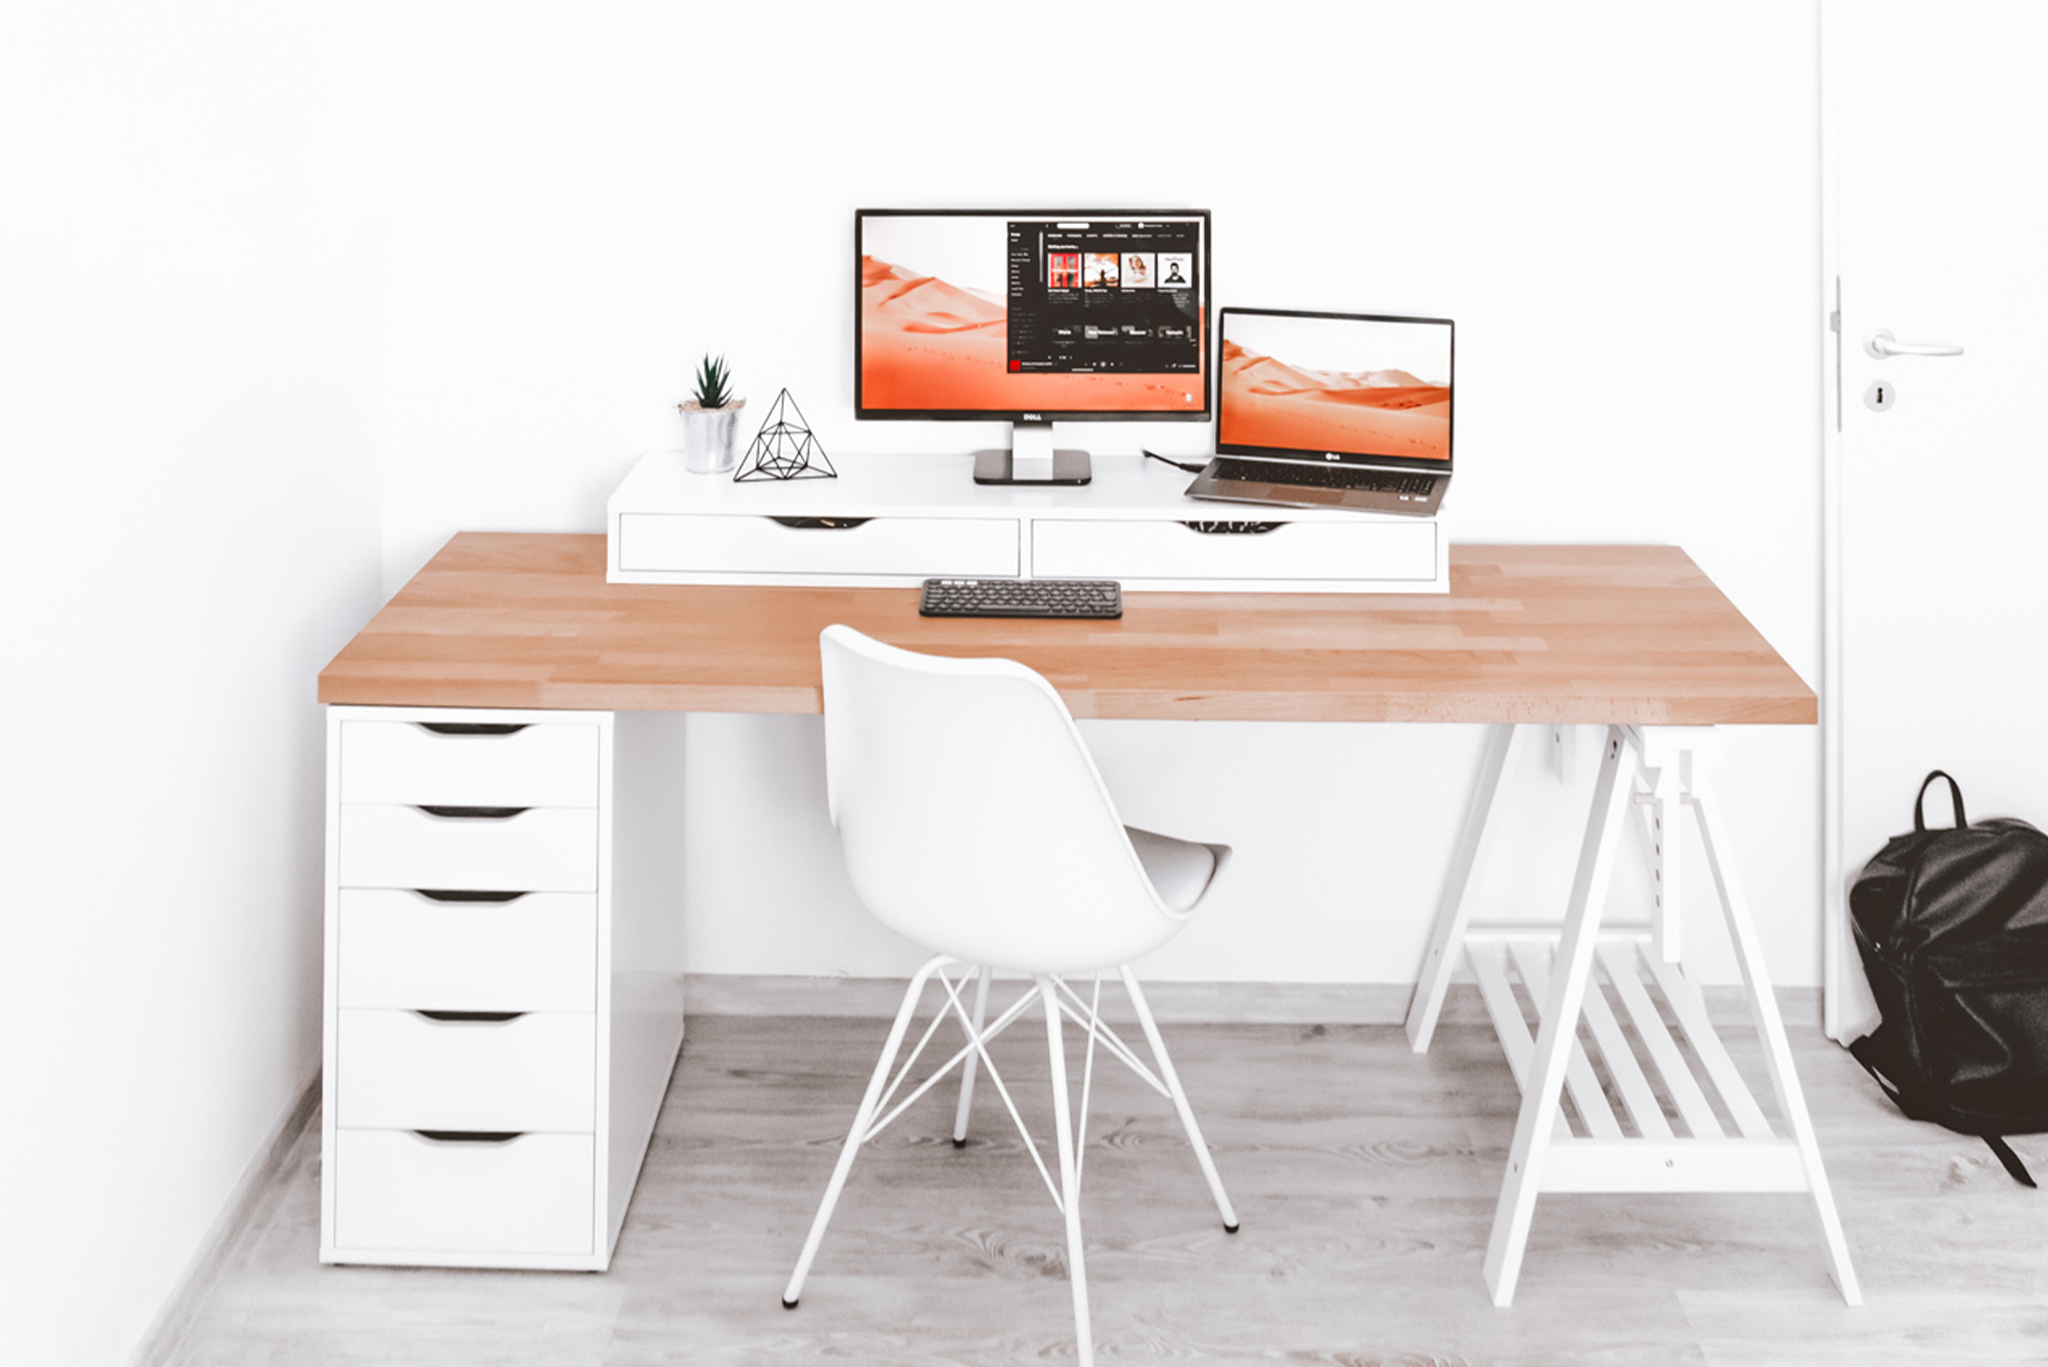 Homeoffice: 10 Ideen für einen schönen heimischen Arbeitsplatz